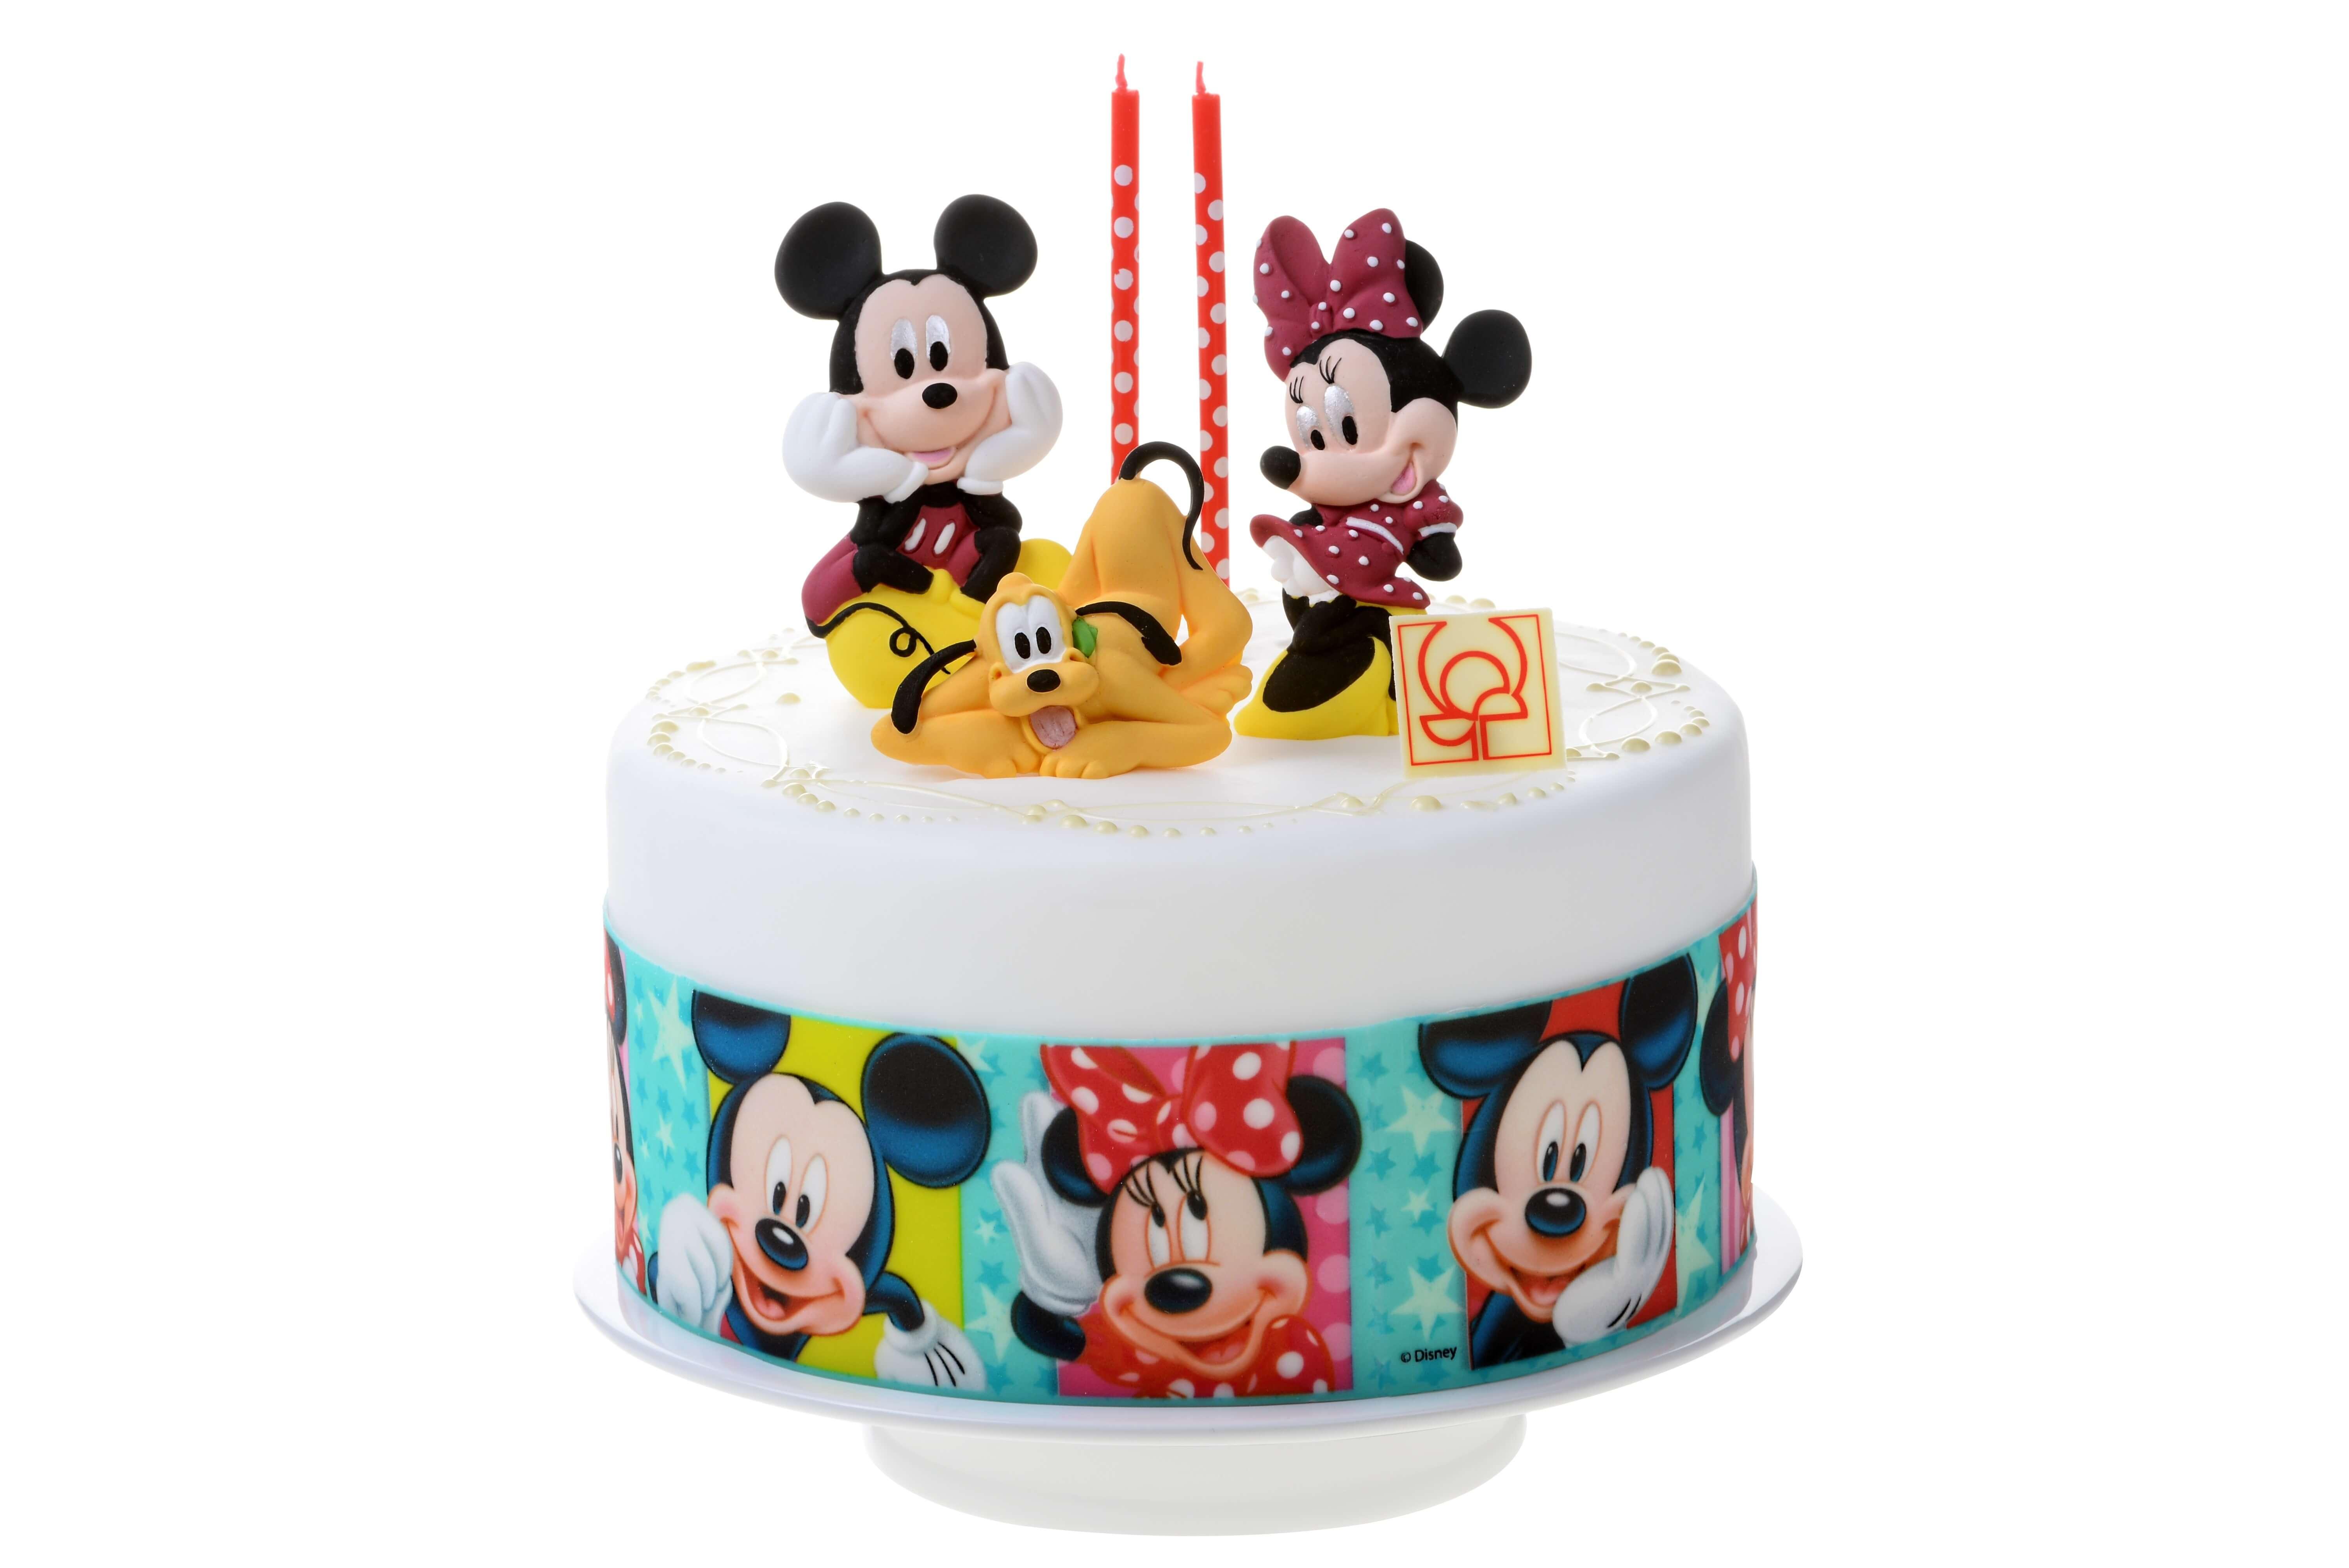 Bandes de sucre pour g teaux mickey et minnie planete gateau sarl kitay - Gateau anniversaire disney ...